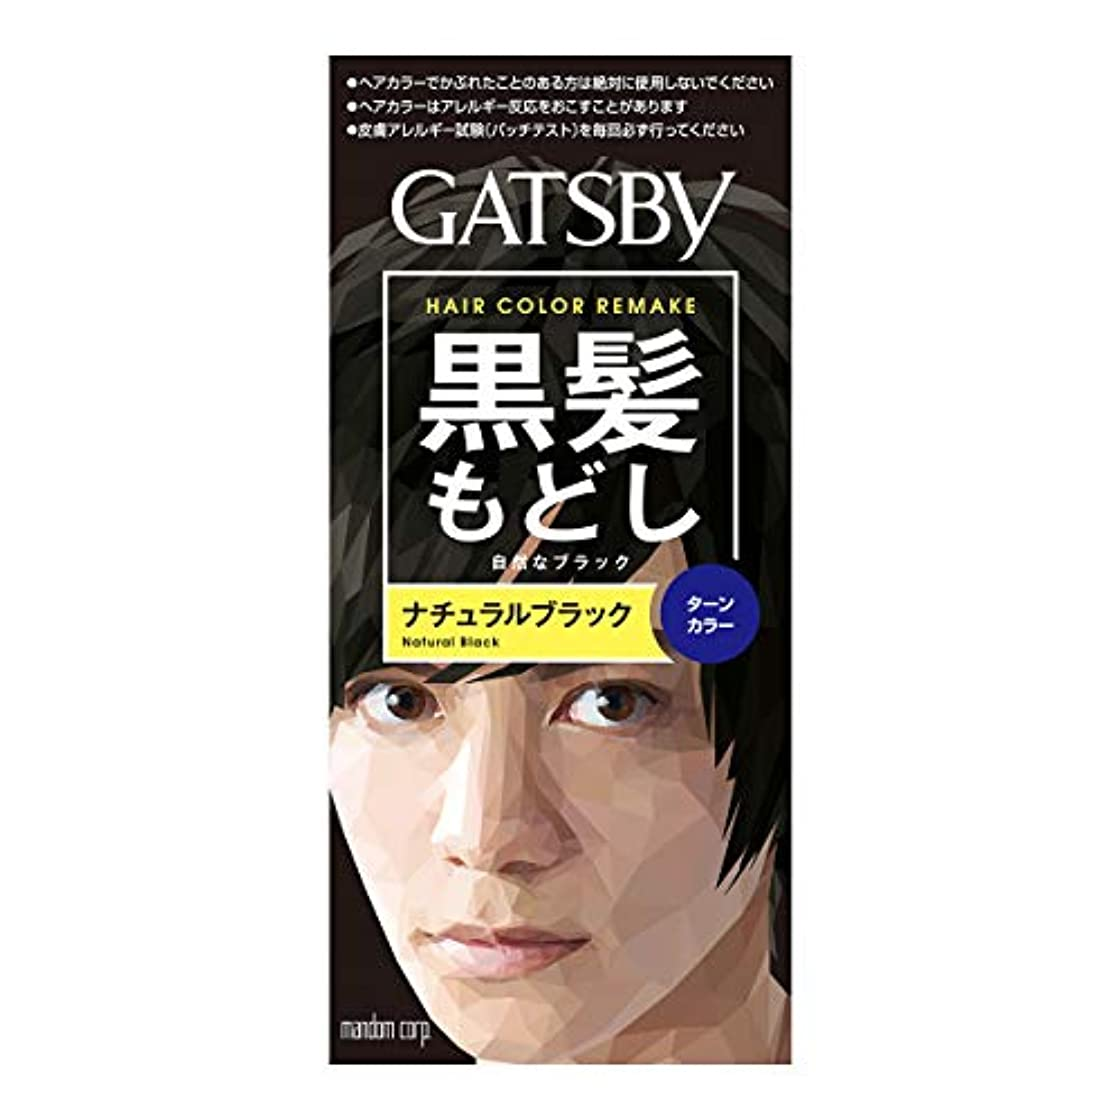 戸口悲鳴魅惑的なGATSBY(ギャツビー) ターンカラー ナチュラルブラック 1剤35g 2剤70mL (医薬部外品)